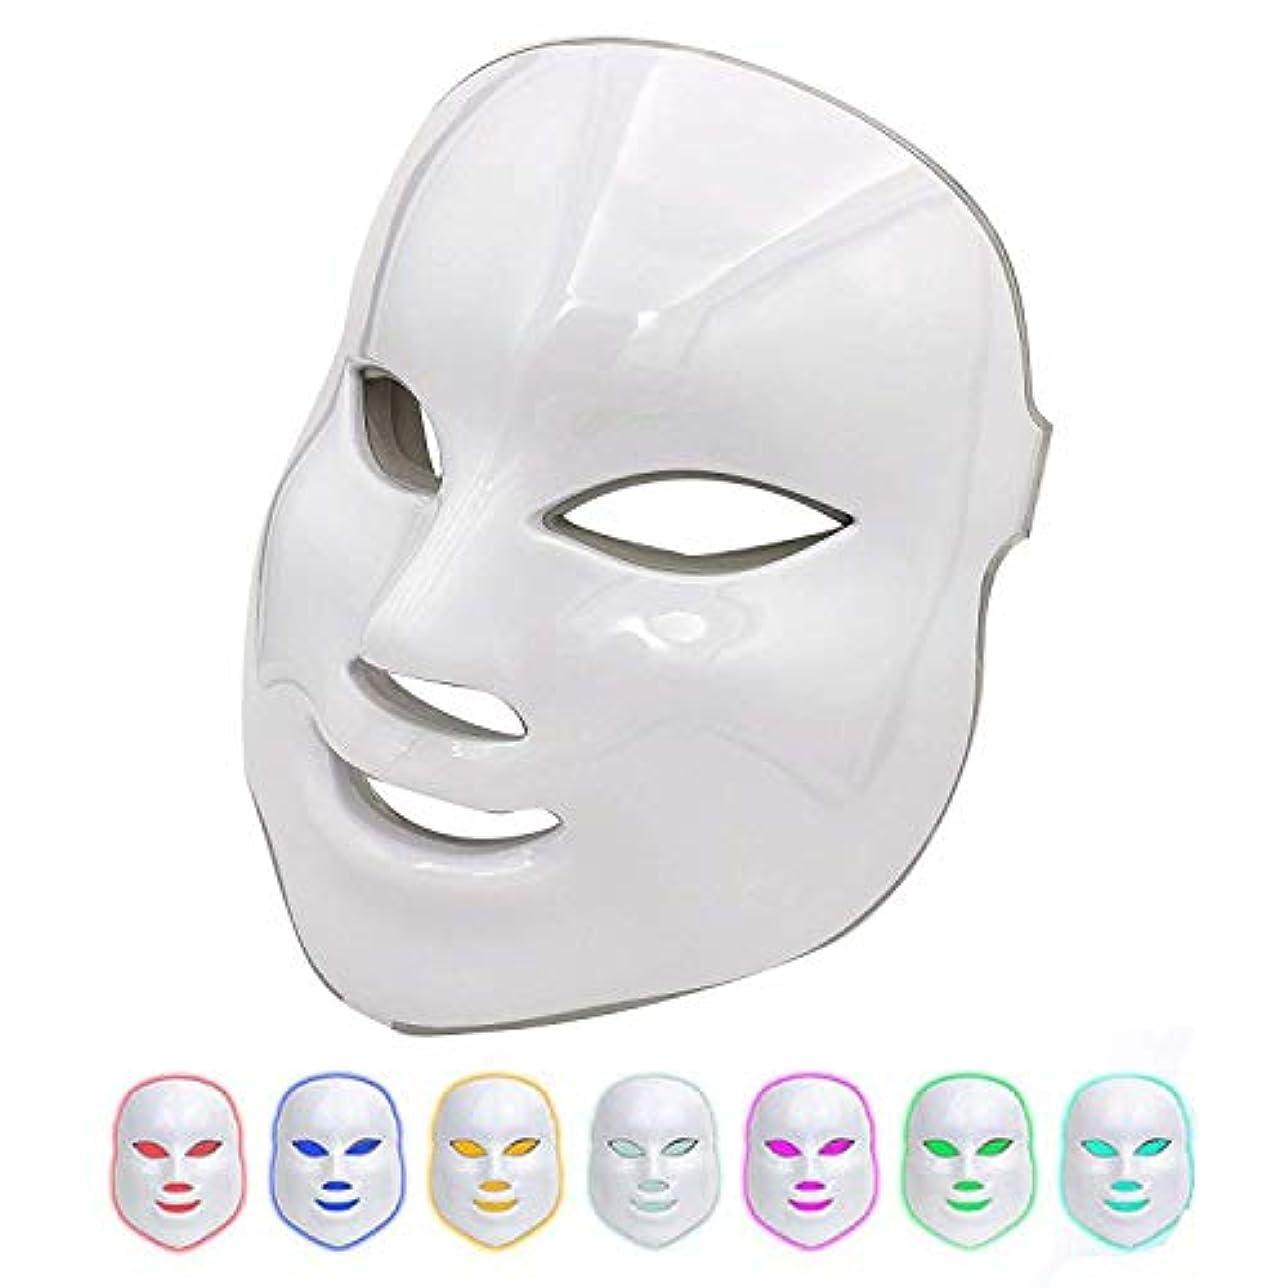 野心唯物論識別する美容マスク7色ledライト光子療法にきび跡除去アンチエイジング肌の若返りフェイシャルケアフェイシャルトーンデバイス